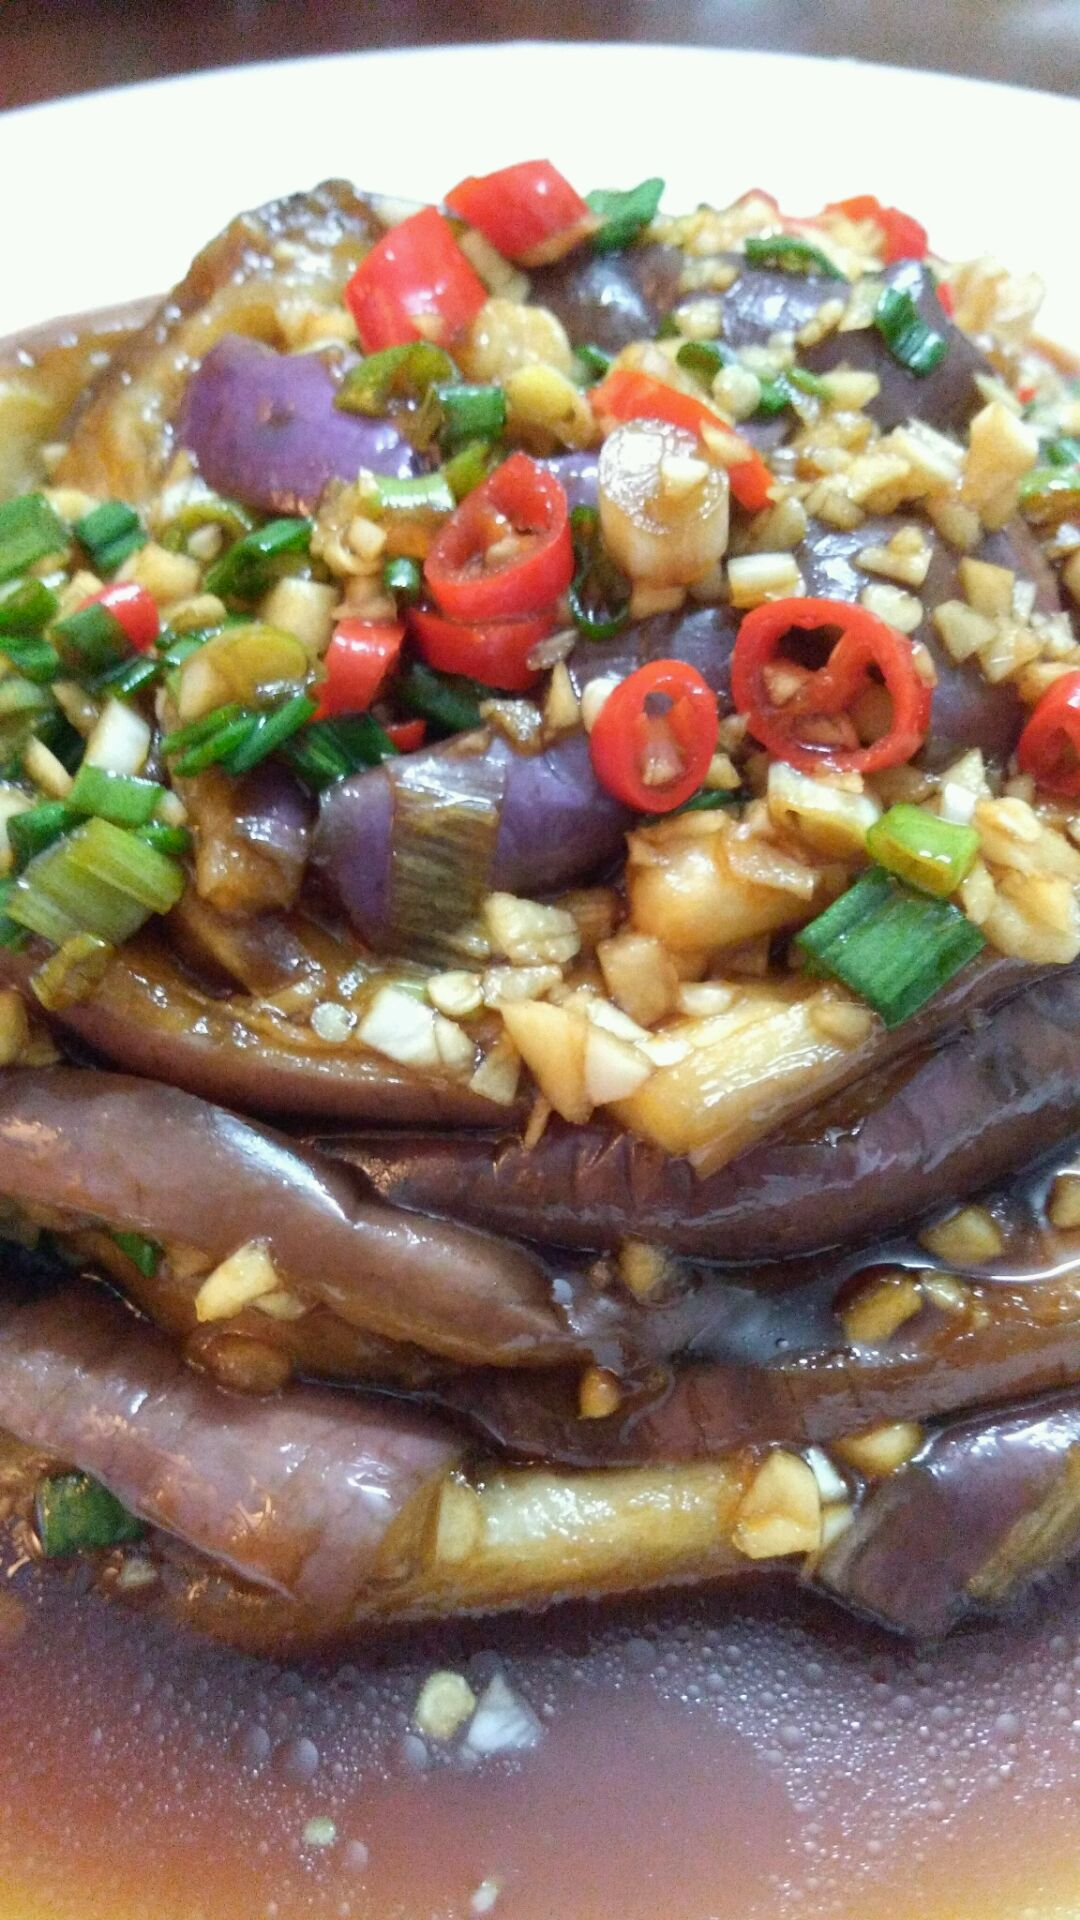 涼拌茄子怎么做_涼拌茄子的做法_豆果美食